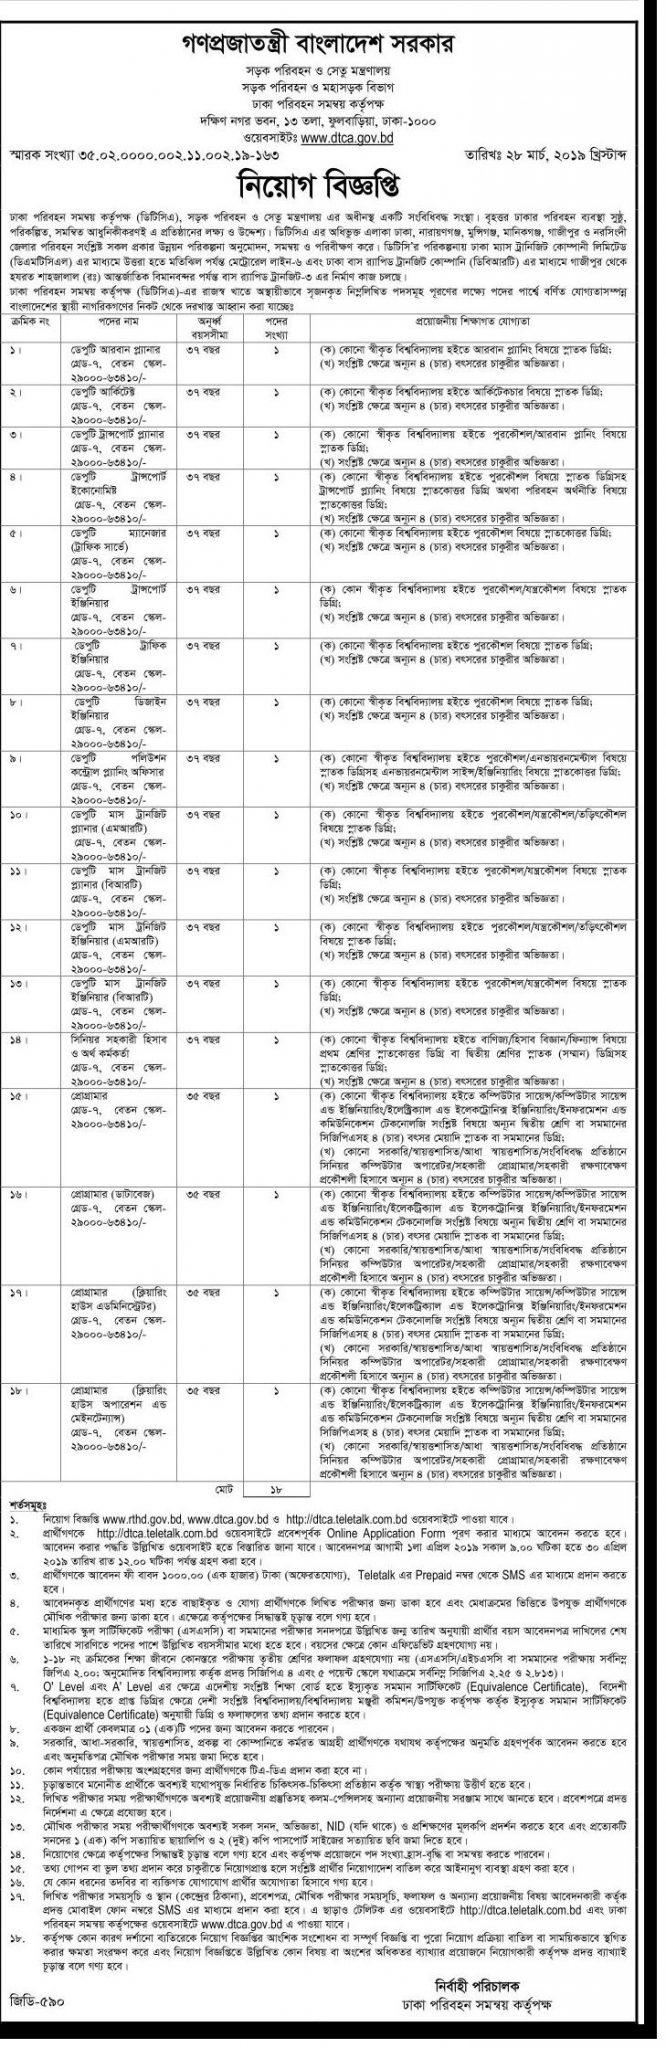 Dhaka Transport Coordination Authority (DTCA) Job Circular 2019